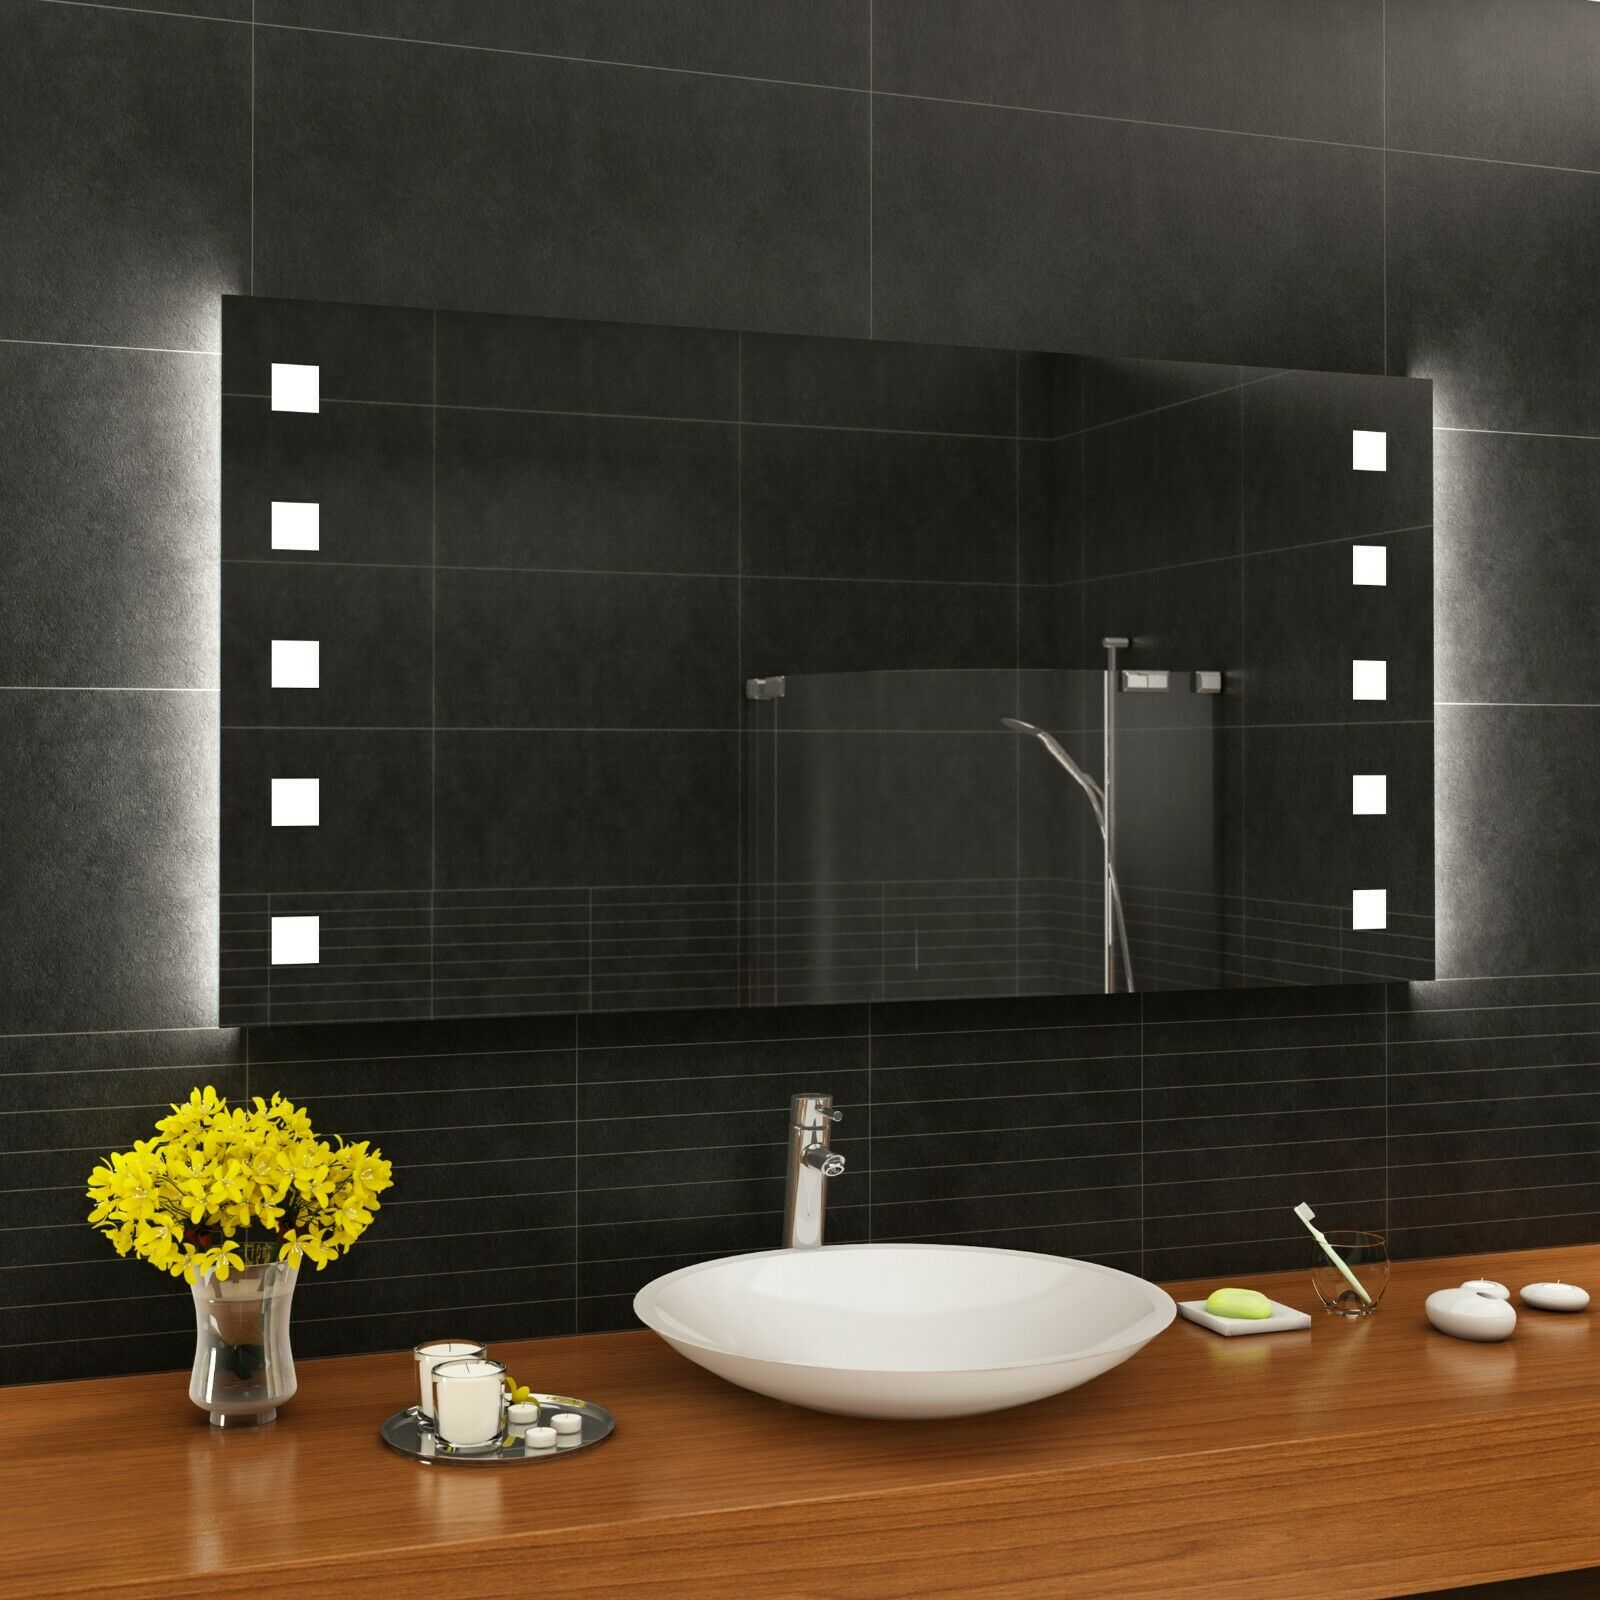 mit Badspiegel M04 Maß nach Wandspiegel Badezimmerspiegel ...